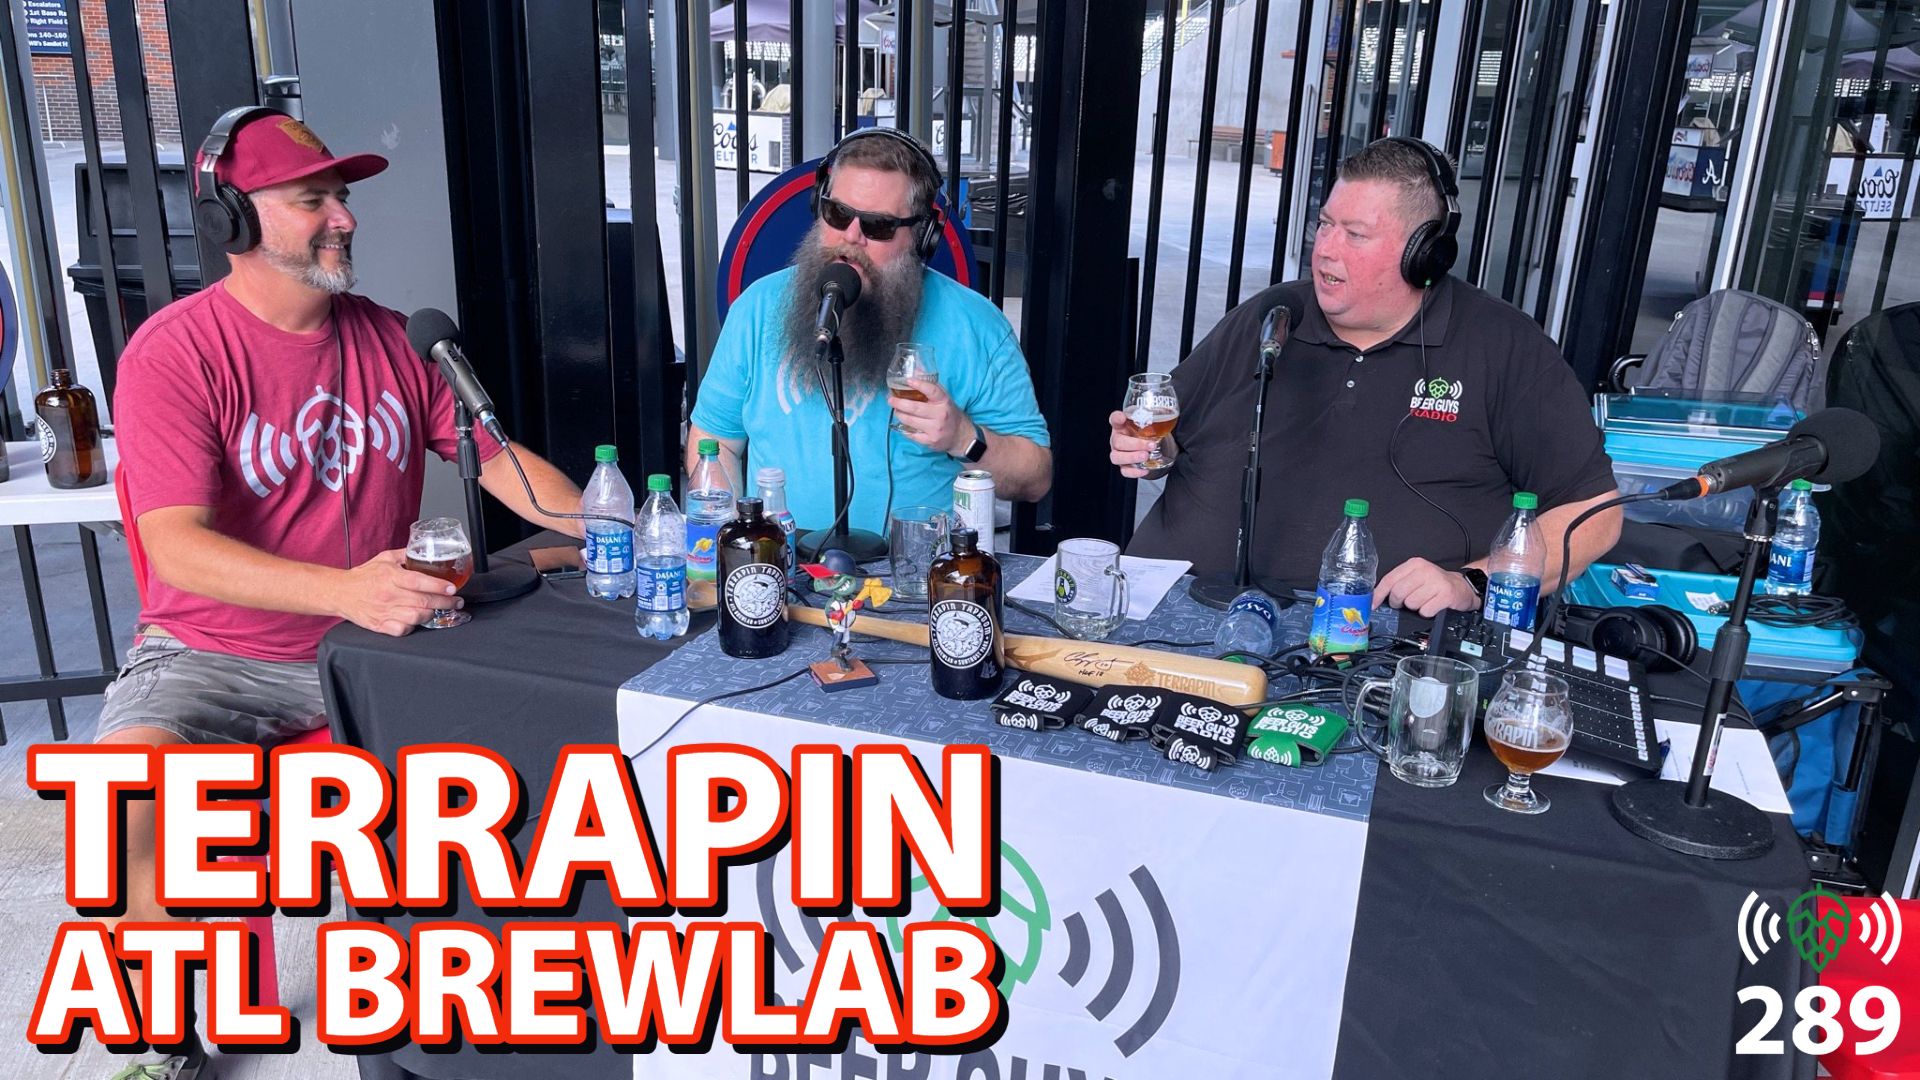 Terrapin Atlanta Taproom and ATL Brewlab